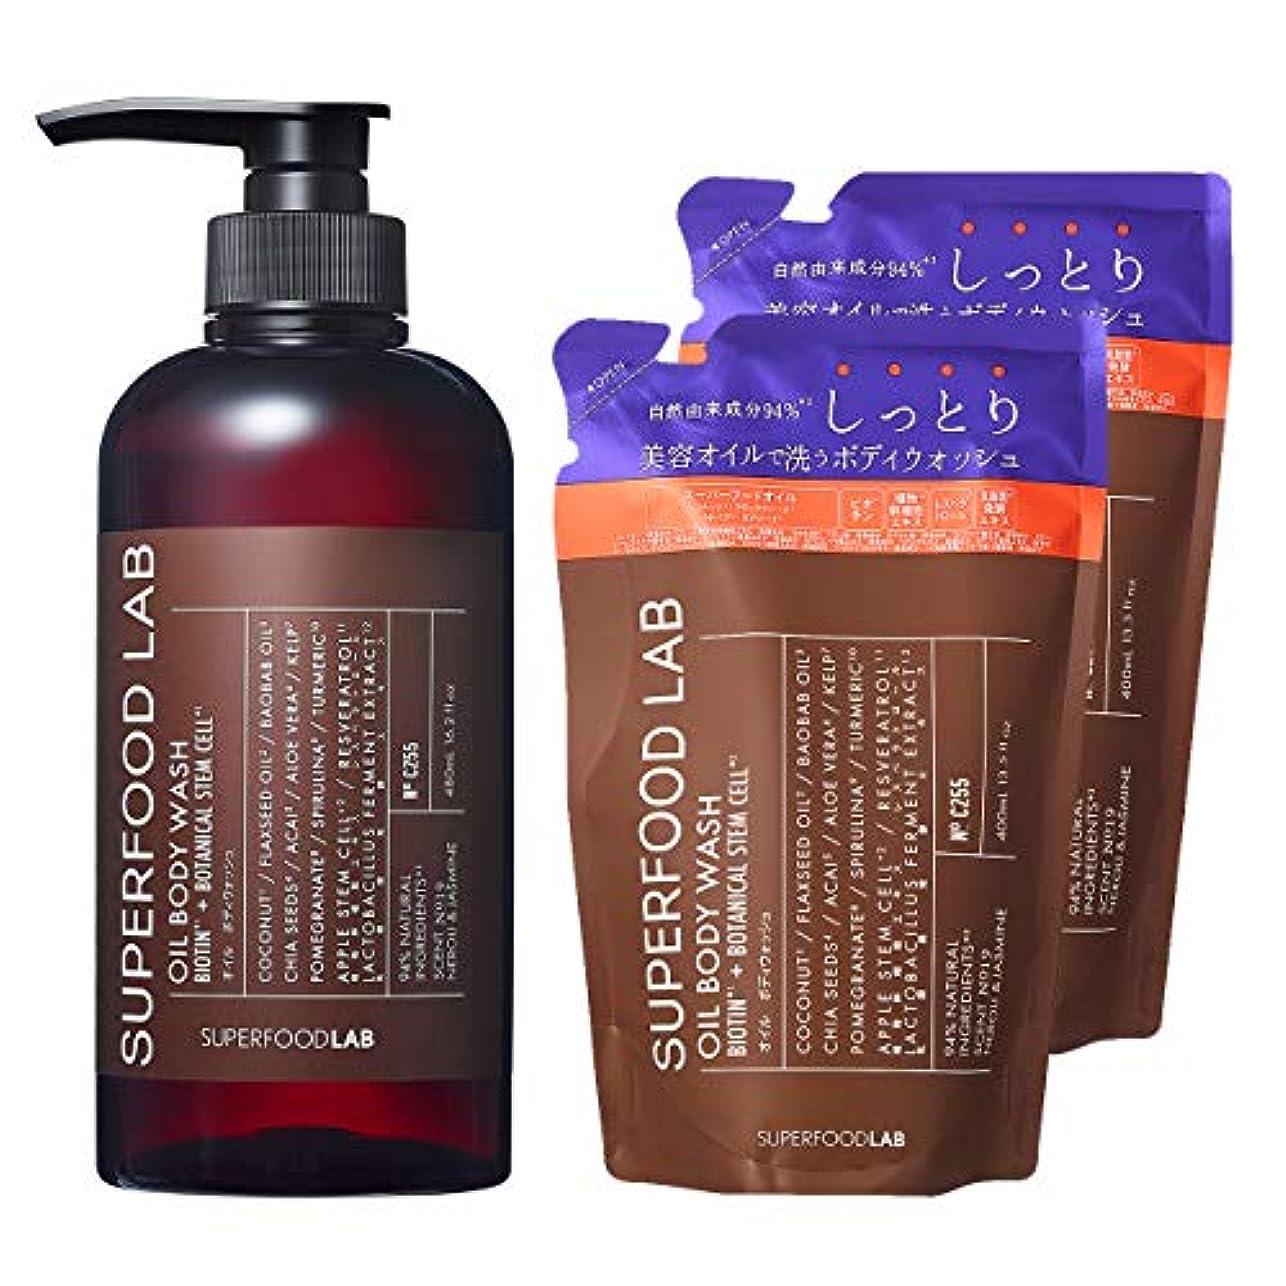 州瀬戸際レザーSFL(スーパーフードラボ) 美容オイルで洗う【しっとり】ビオチン+オイル ボディウォッシュ 本体+リフィル2個セット